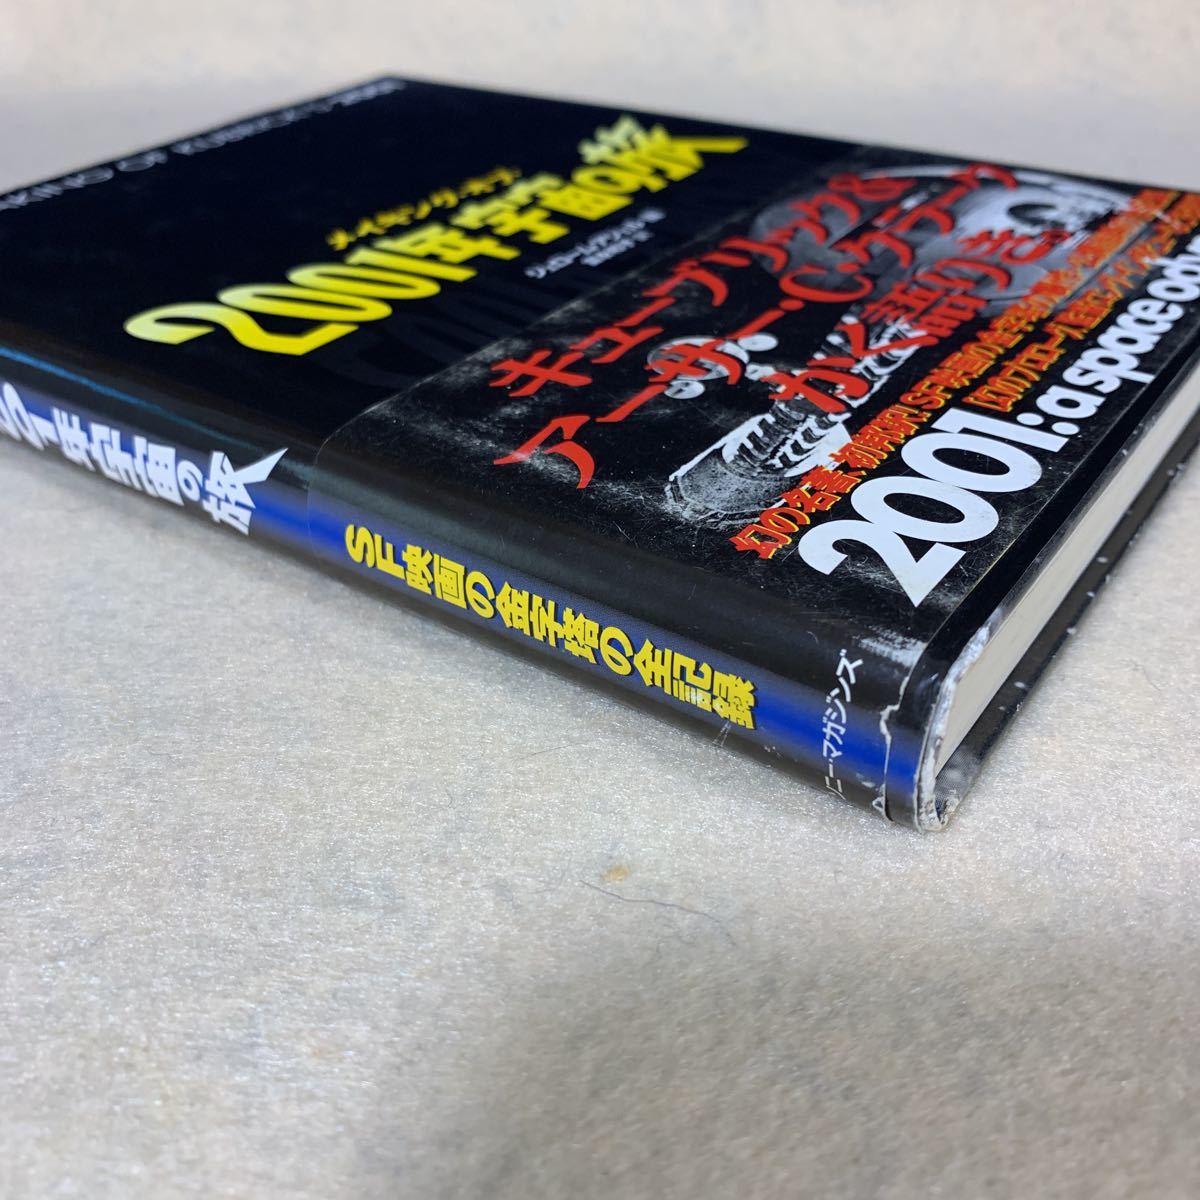 メイキング・オブ・2001年宇宙の旅 ジェローム・アジェル/編 ソニーマガジンズ 1998年 初版_画像3